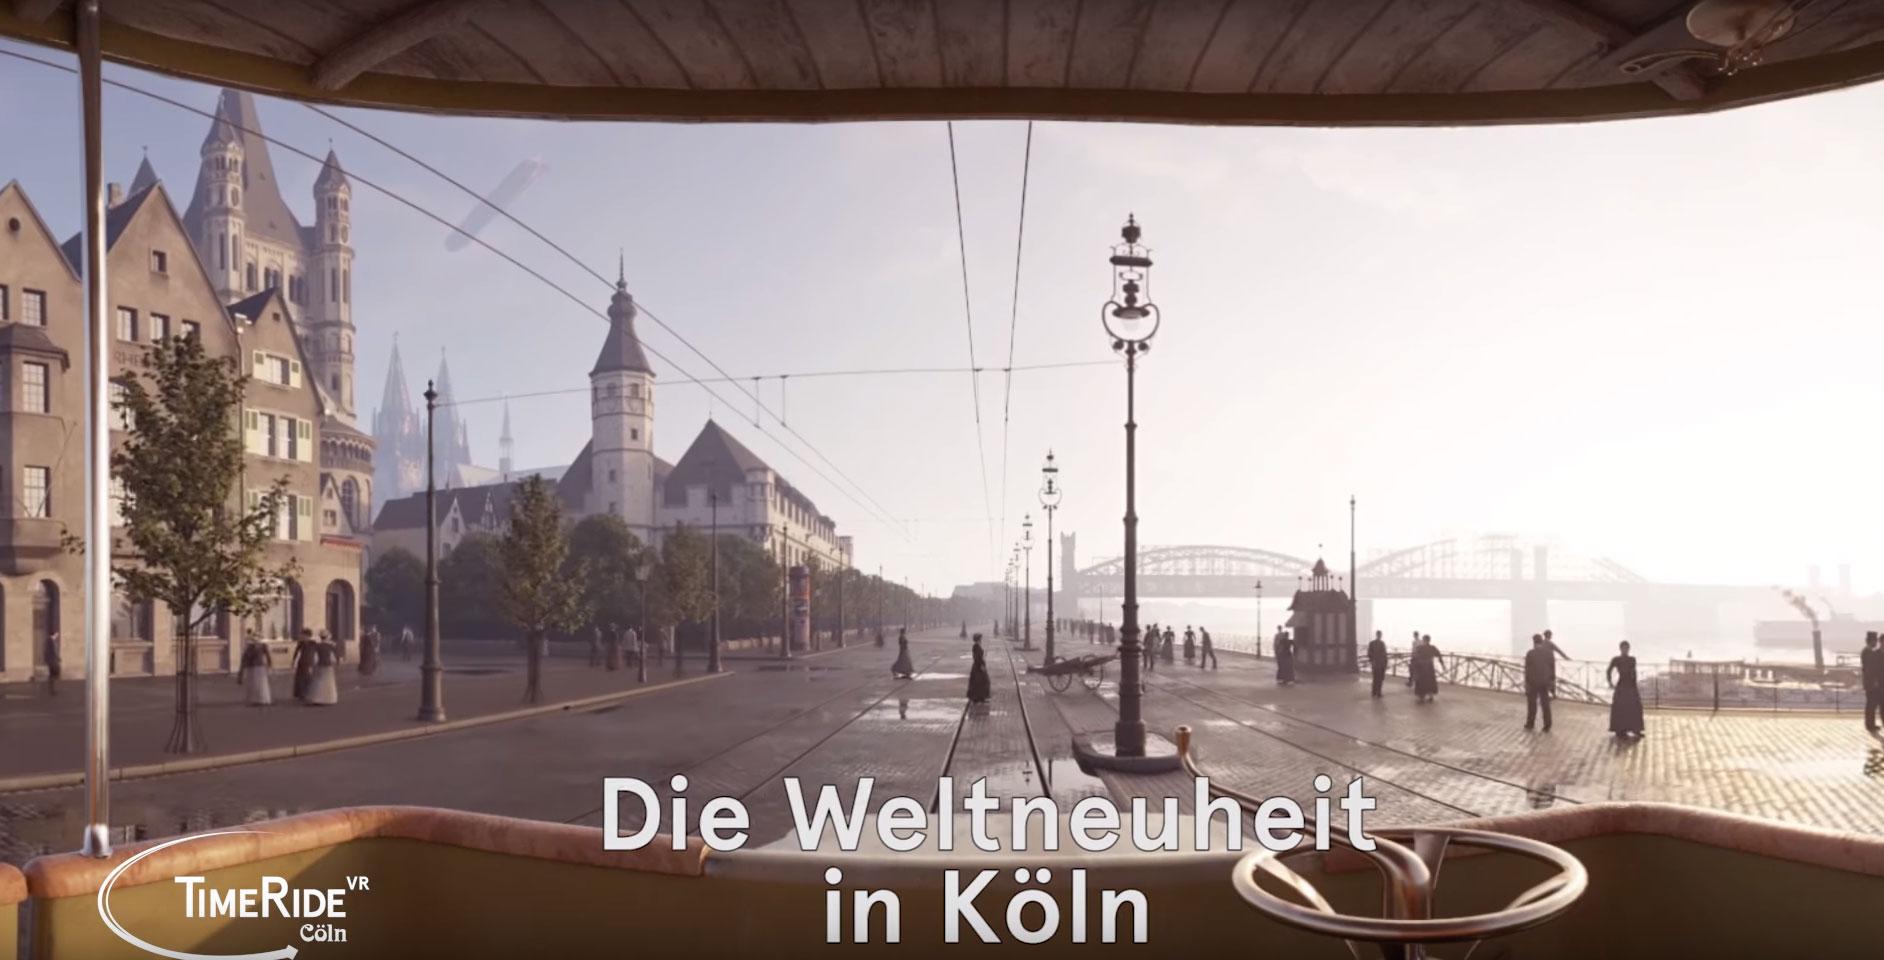 VR Reise nach Köln vor 100 Jahren